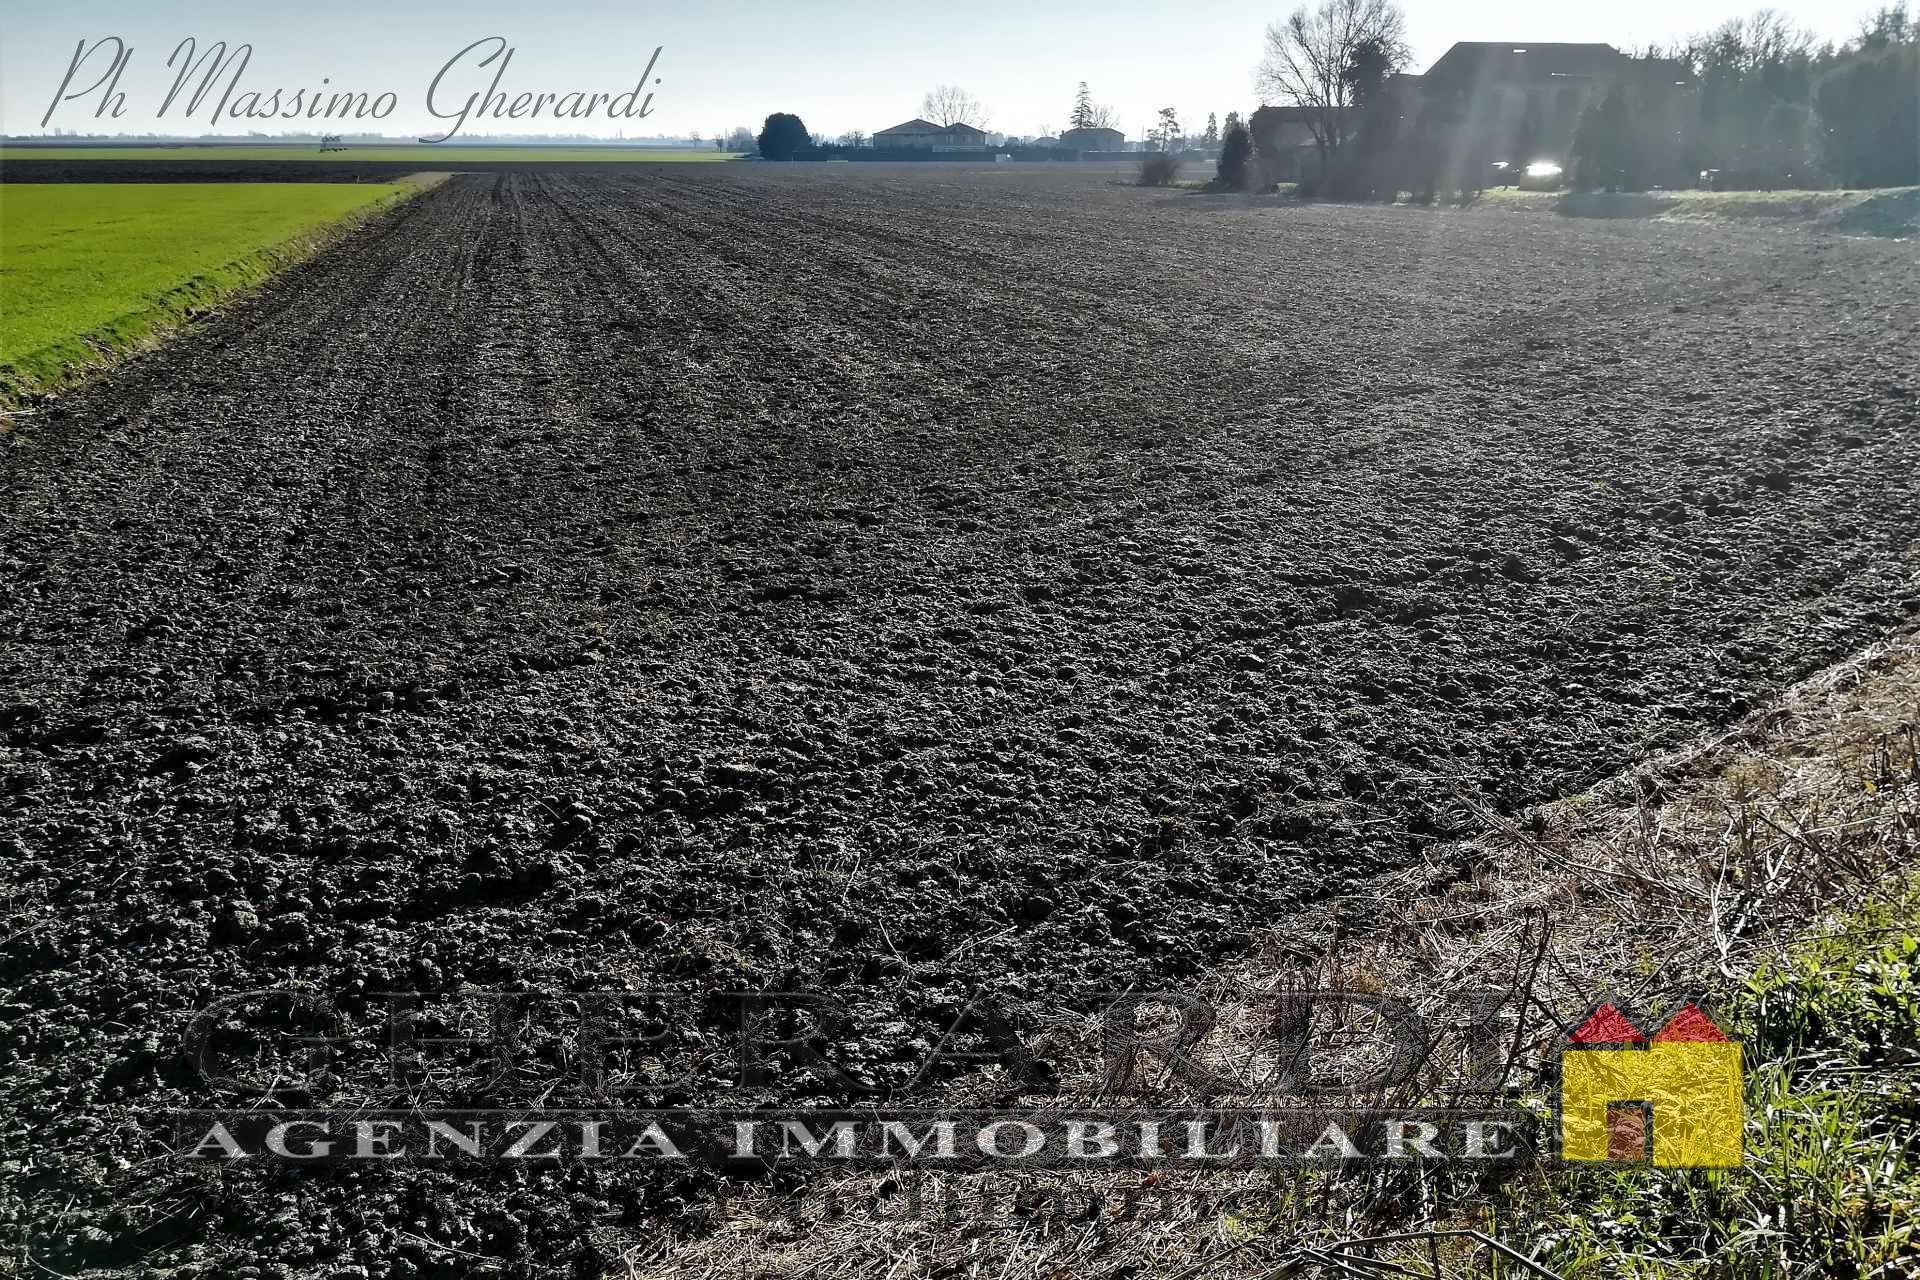 Terreno Agricolo in vendita a Copparo, 9999 locali, zona Zona: Fossalta, prezzo € 23.000 | CambioCasa.it